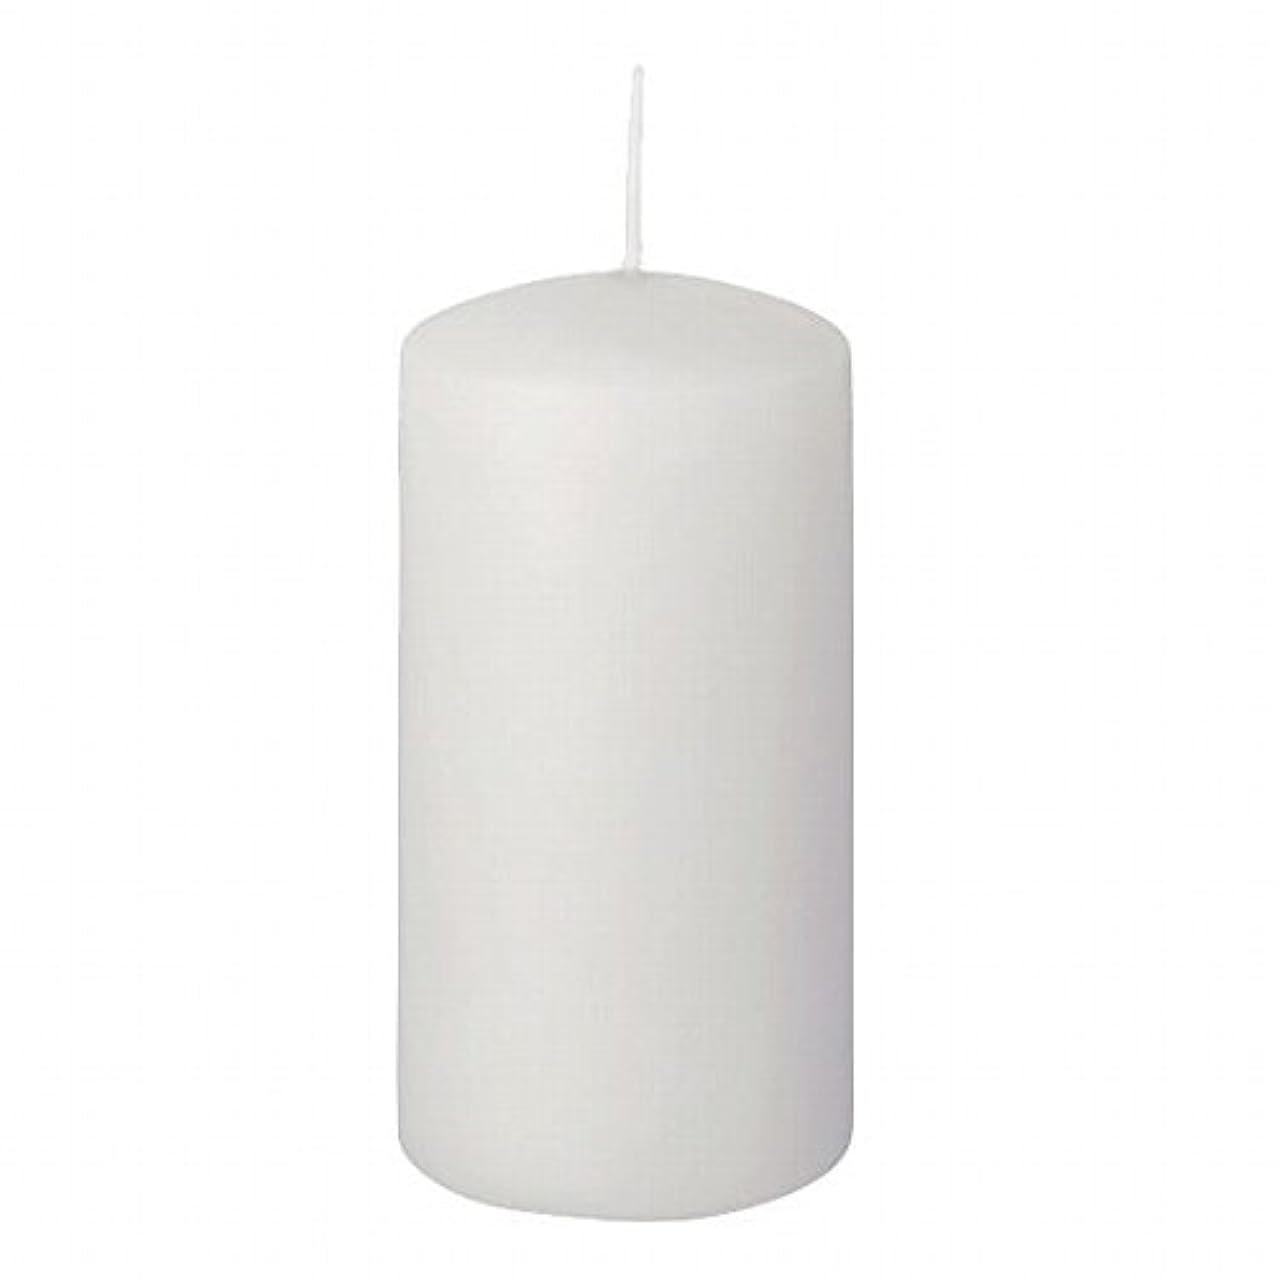 蒸留かび臭いスポットヤンキーキャンドル(YANKEE CANDLE) 4インチピラー50 「 ホワイト 」